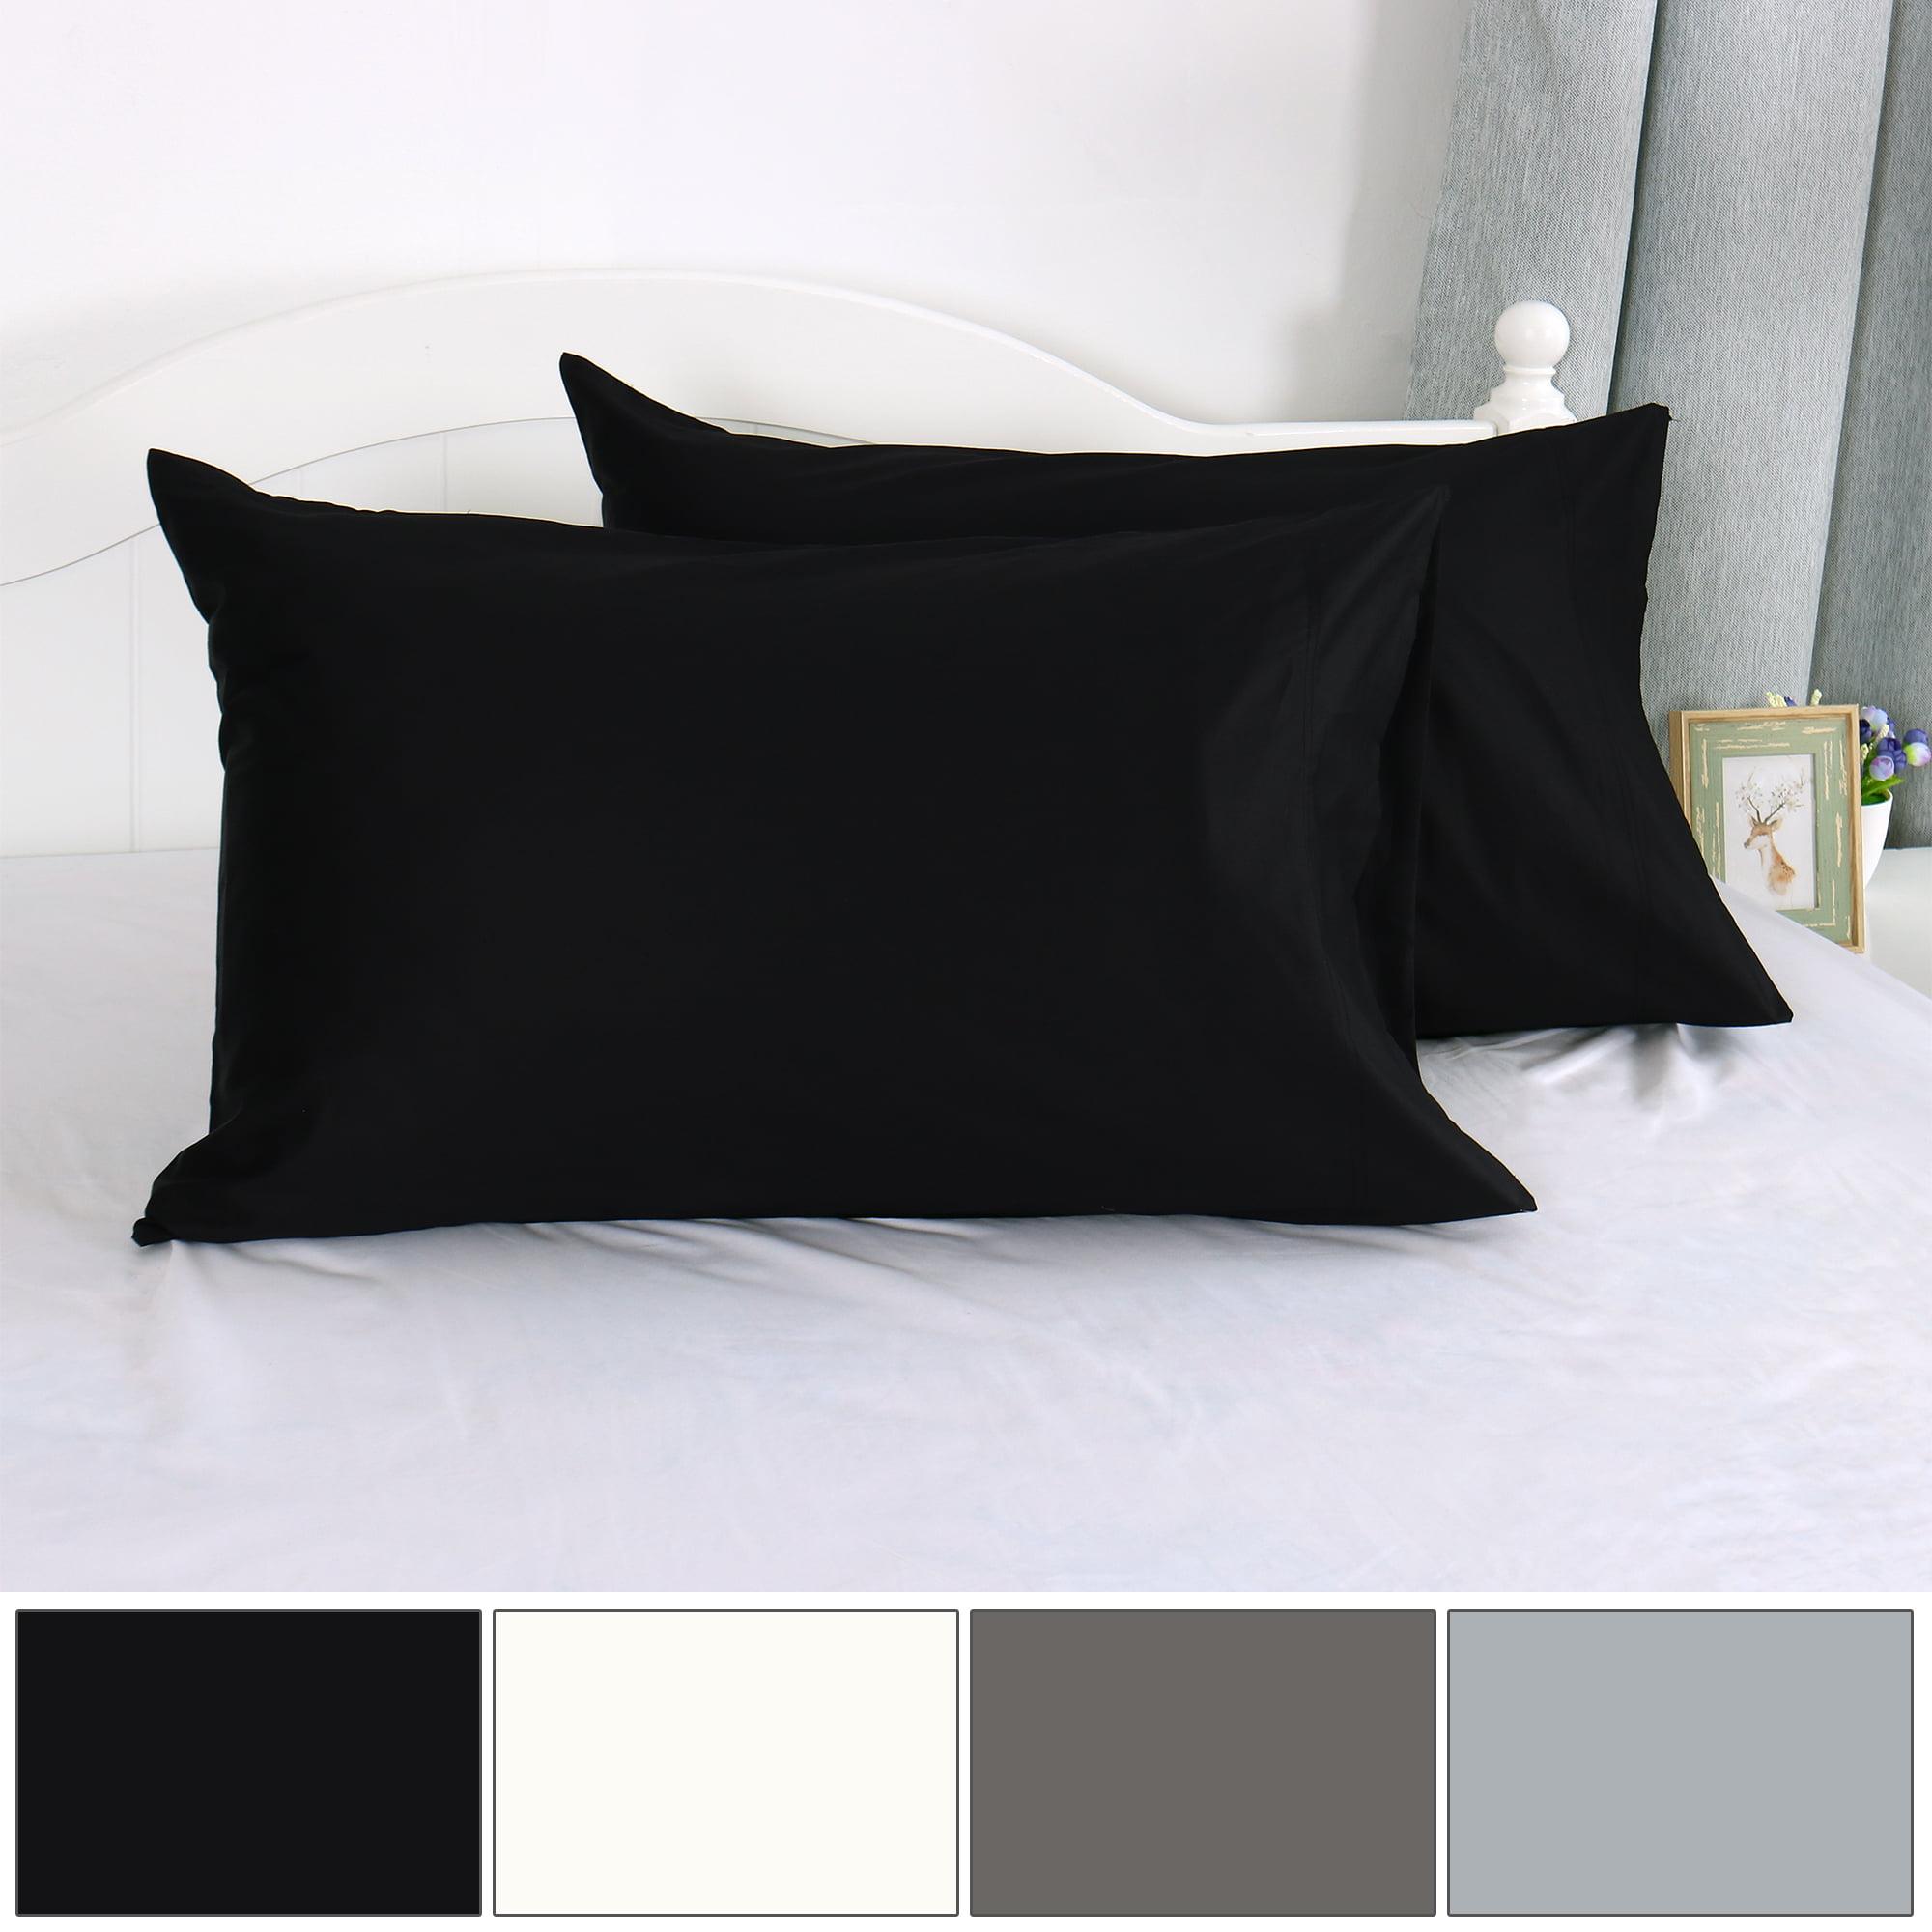 """Pillow Cases 100% Long Staple Combed Cotton 300 TC, Black 20"""" x 30"""", Set of 2 - image 7 de 7"""